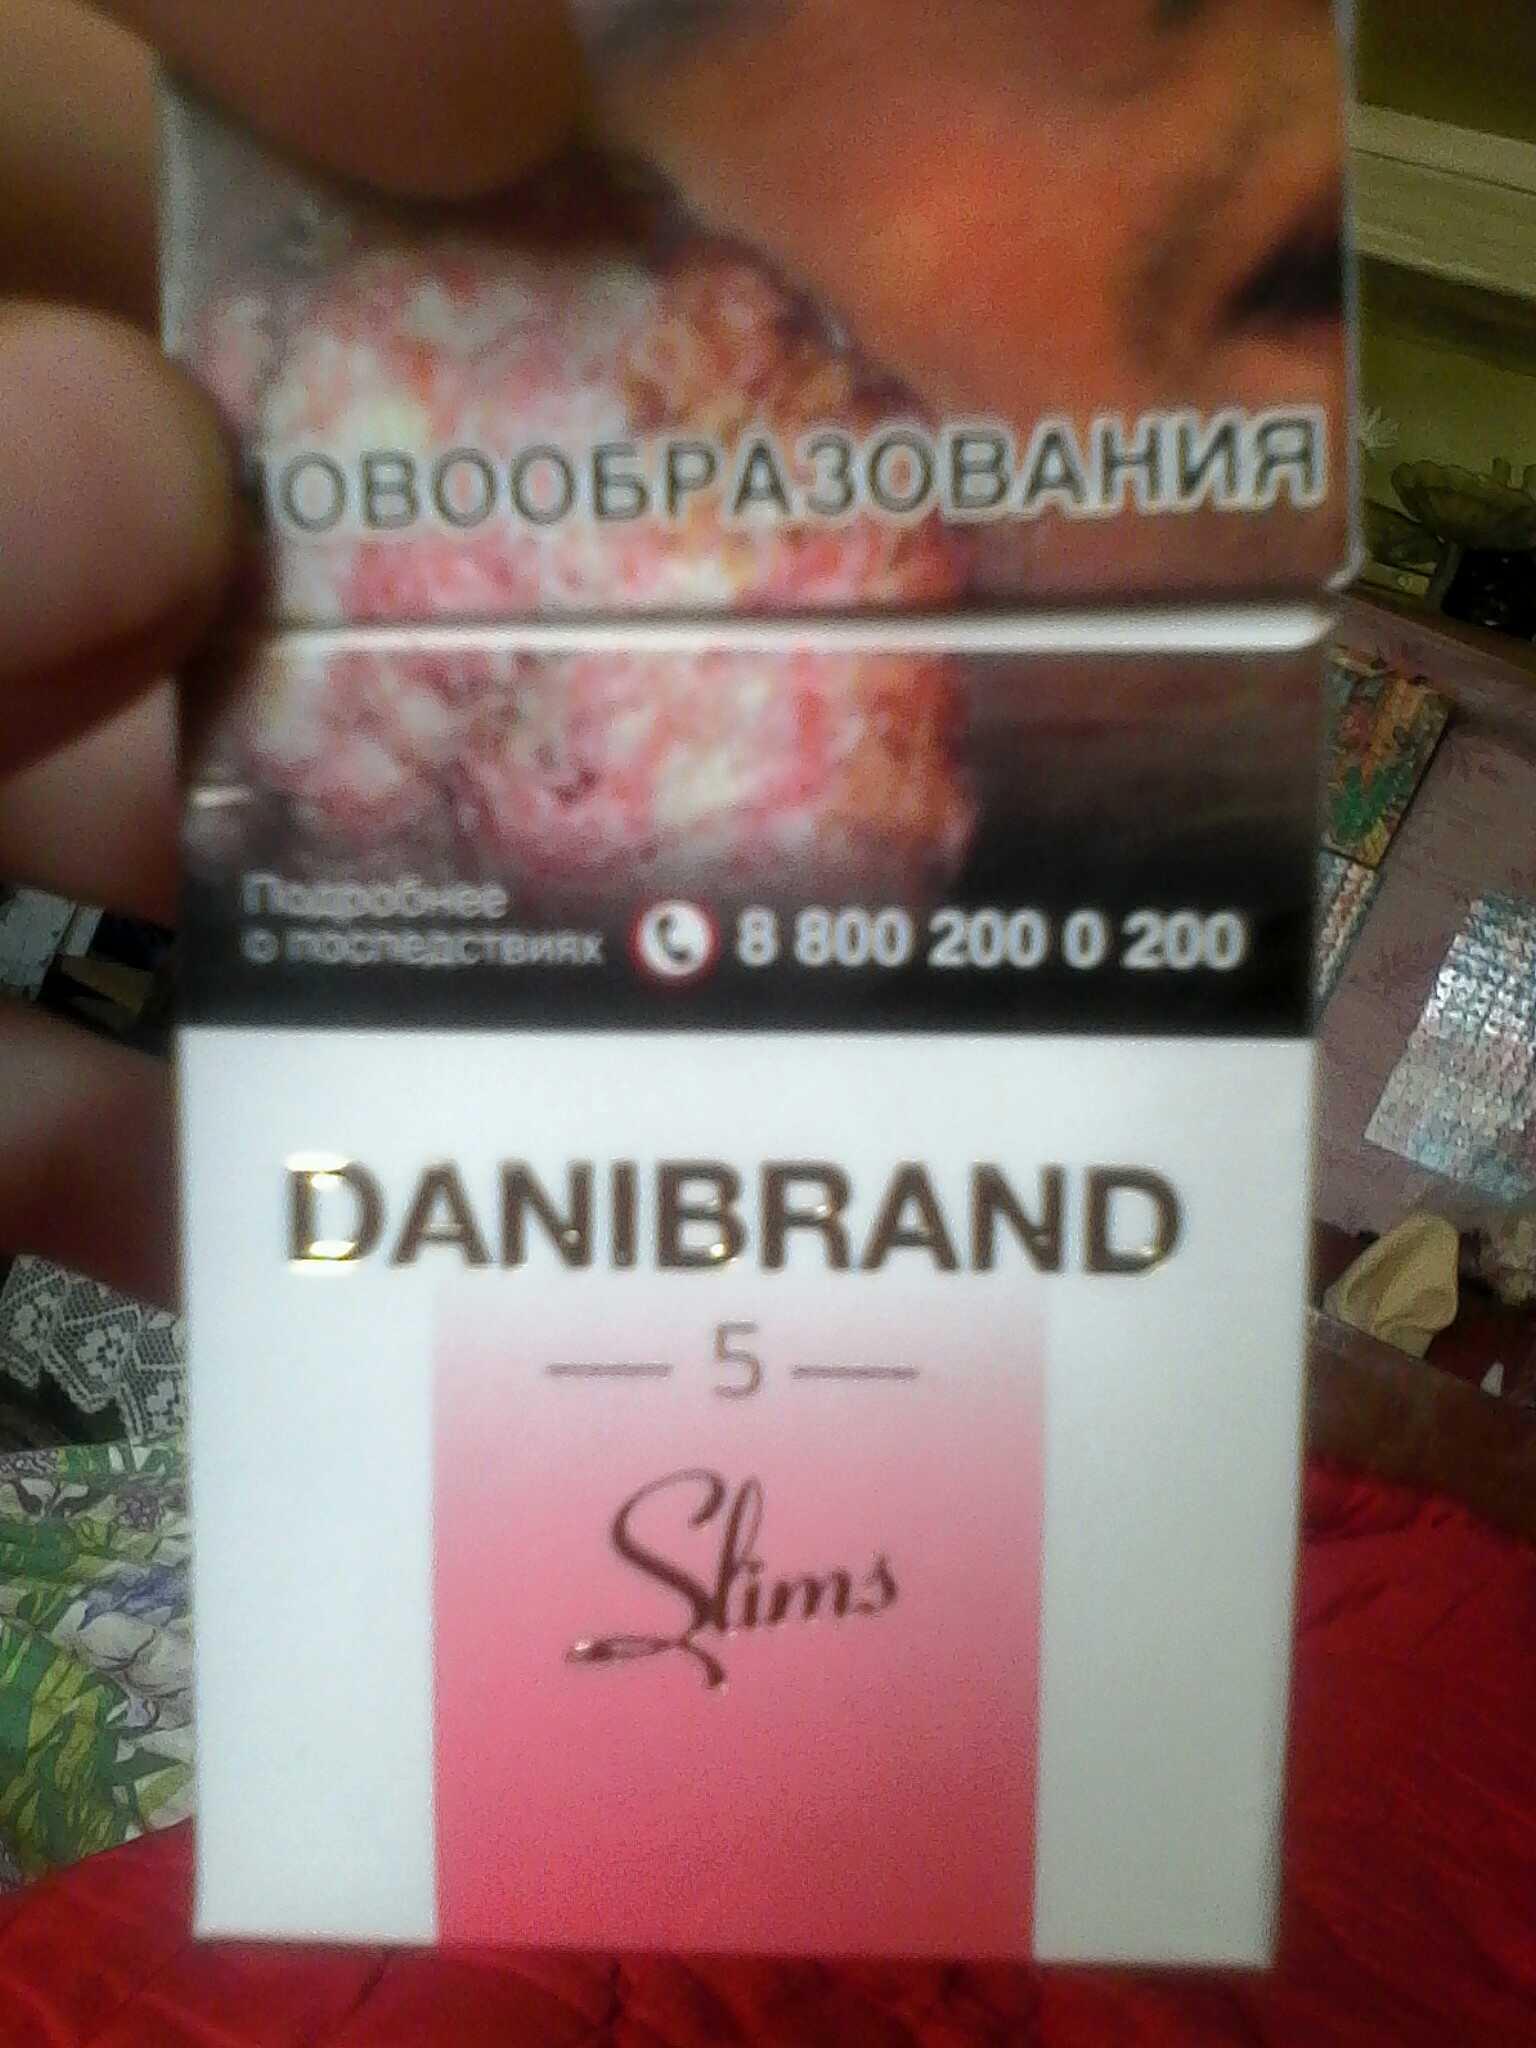 Данибранд сигареты купить закончилась одноразовая электронная сигарета что делать